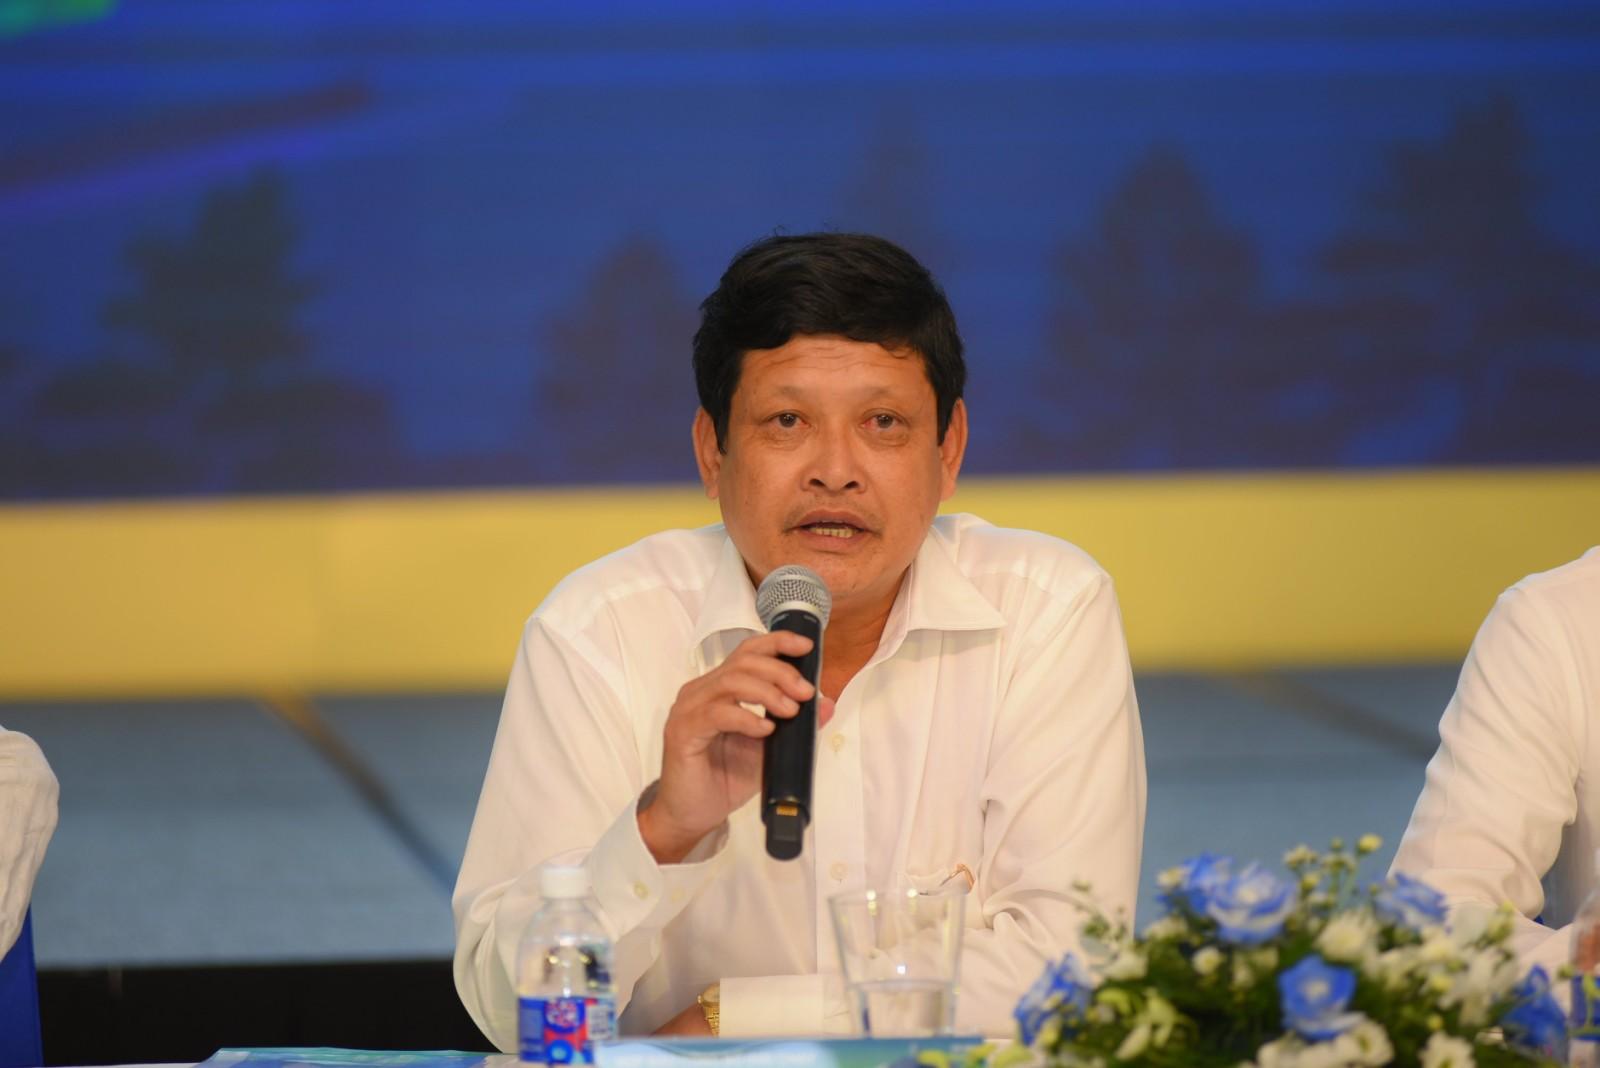 Ông Nguyễn Thành Tiến- Tỉnh ủy viên, Giám đốc Sở Văn hóa Thể thao & Du lịch Tây Ninh- Trưởng Ban tổ chức Giải chạy